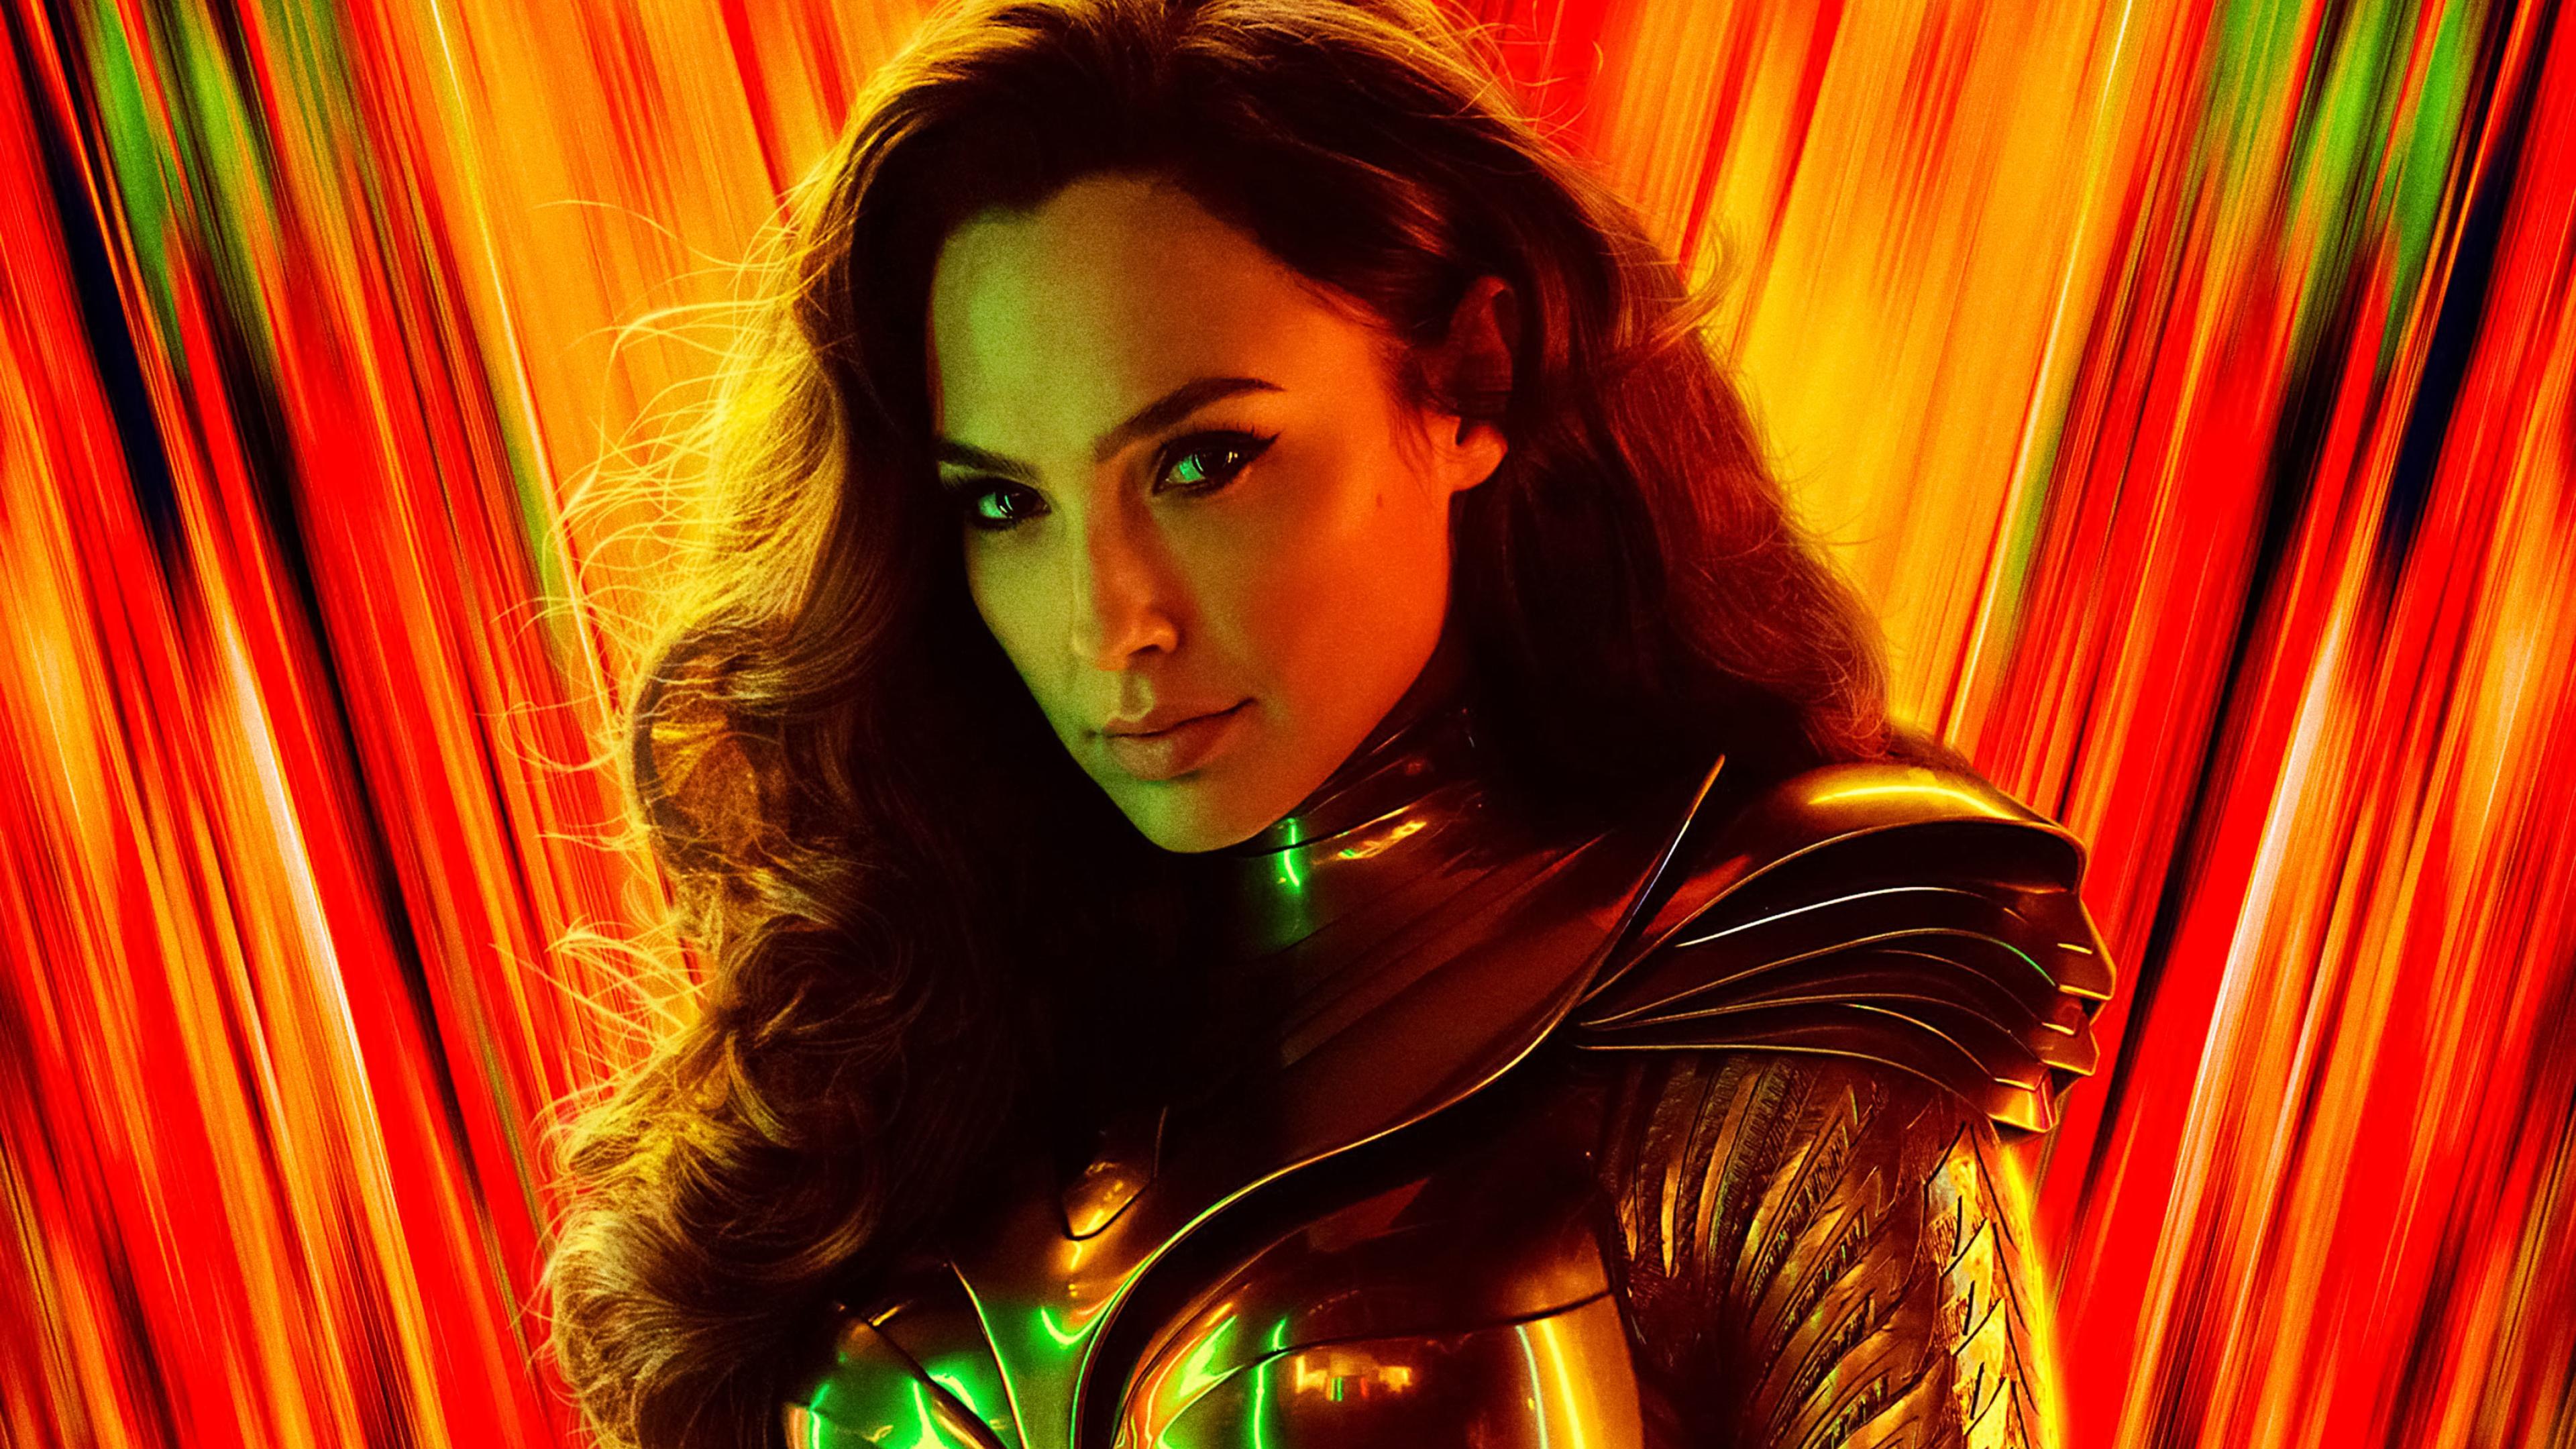 3840x2160 Wonder Woman 2 4k Wallpaper Hd Movies 4k